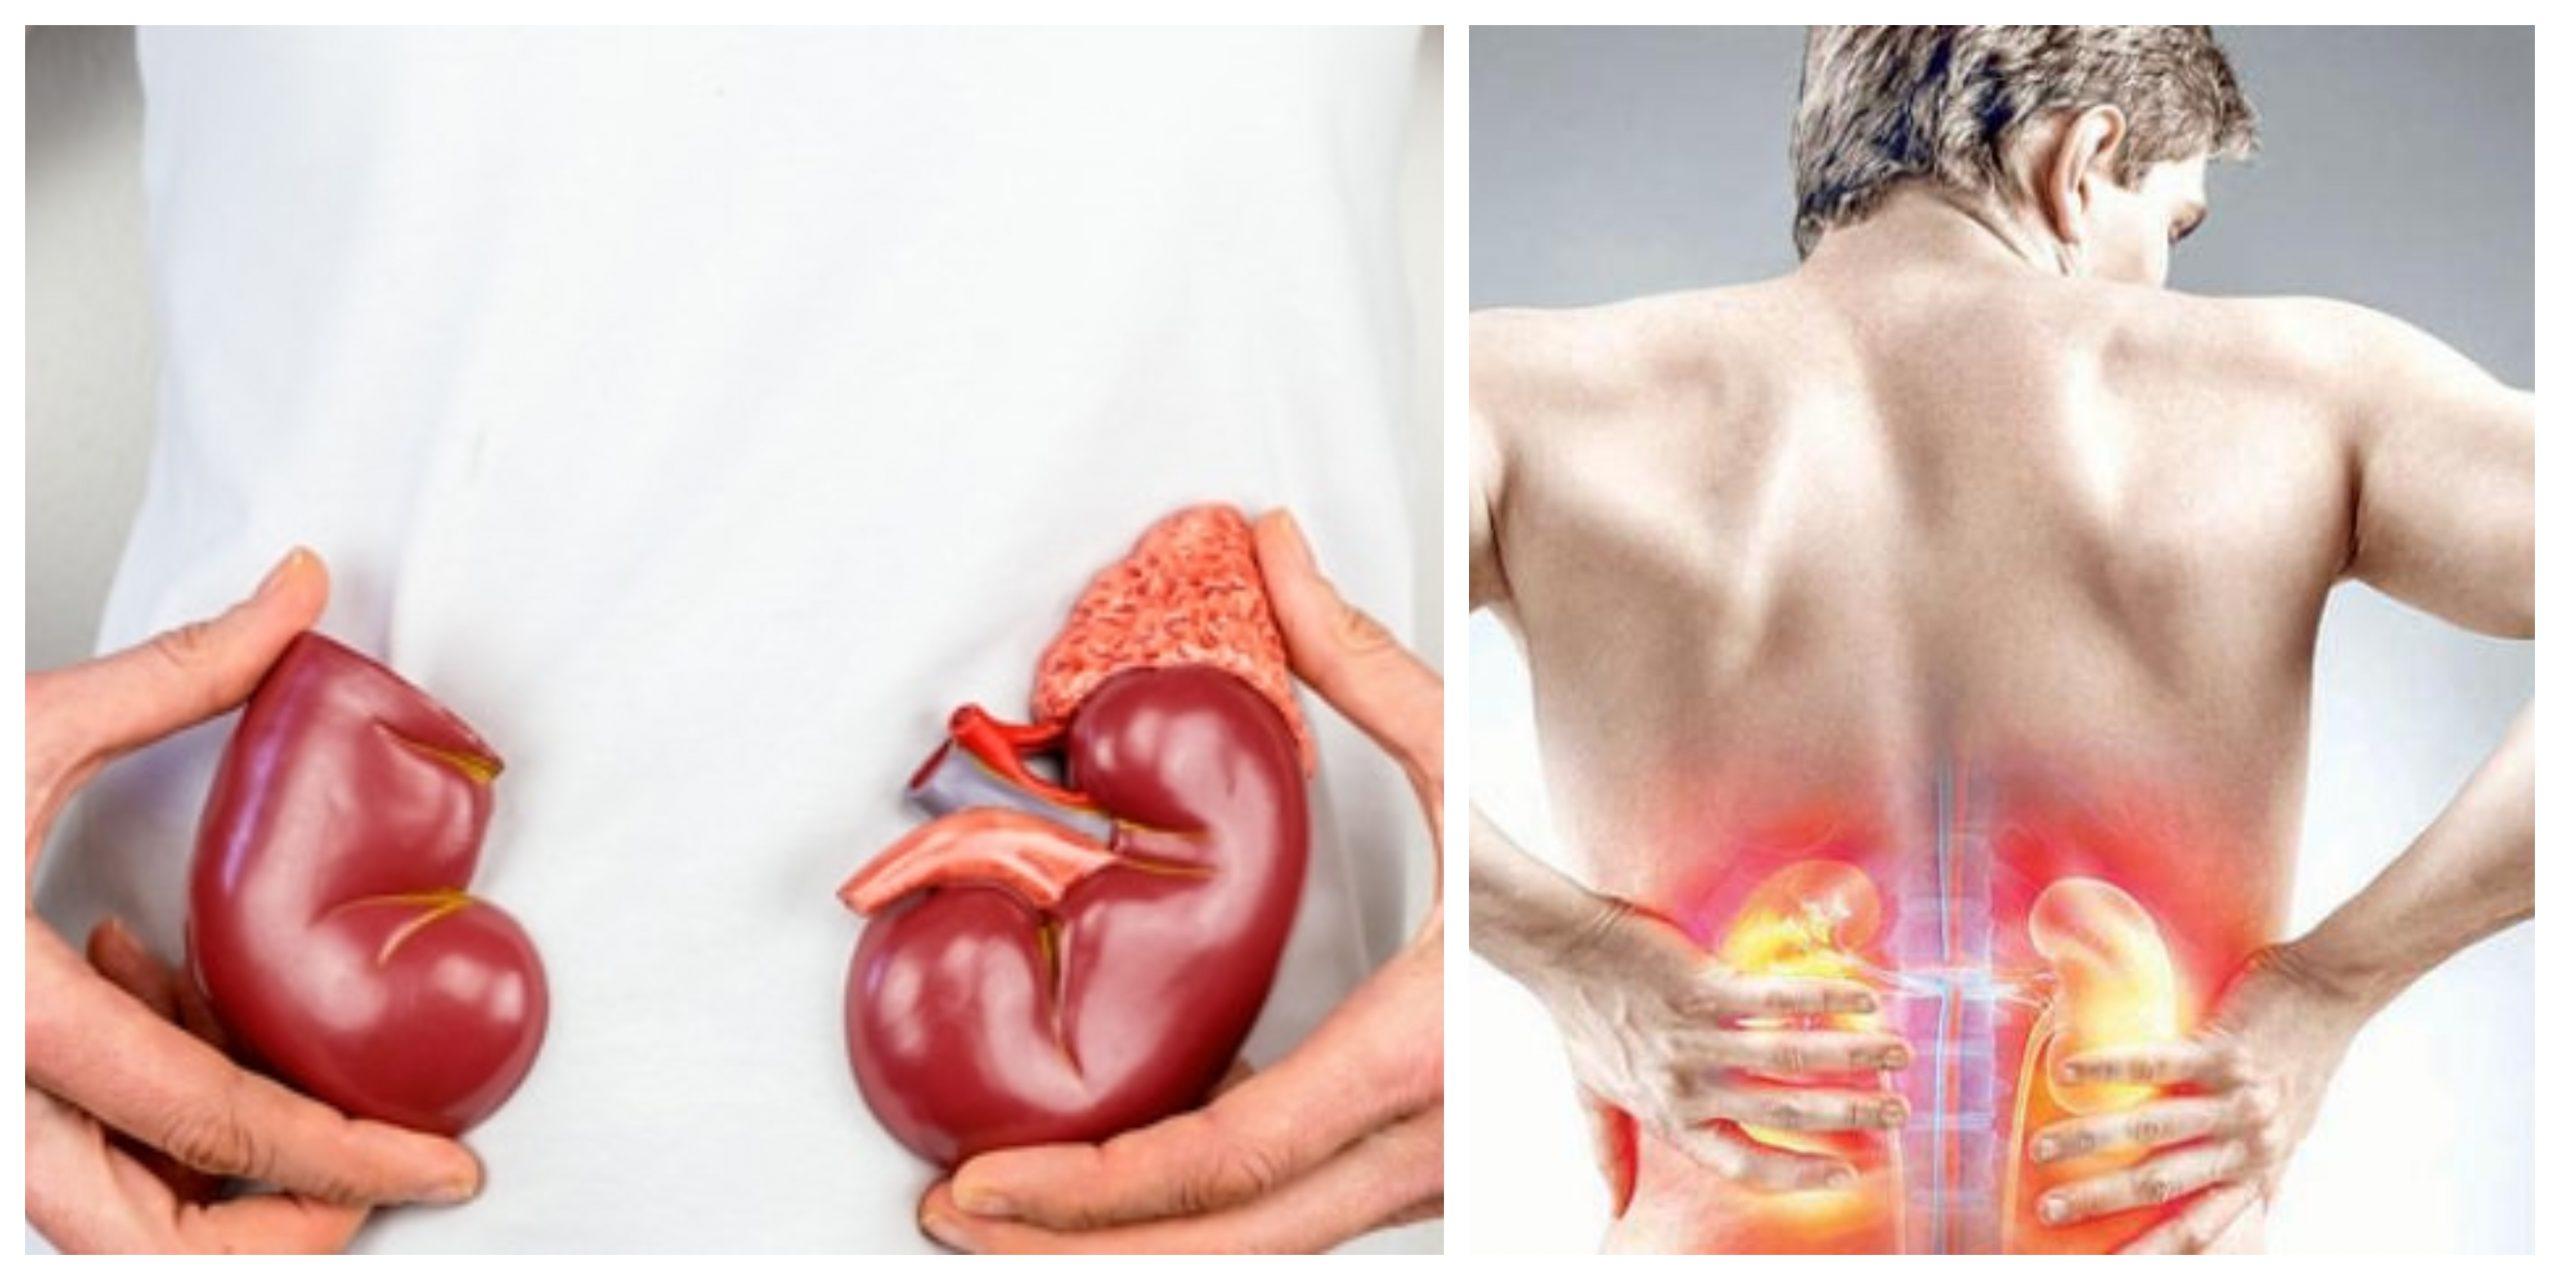 علاجات منزلية تساعد على تنظيف الكلى من السموم بشكل طبيعي